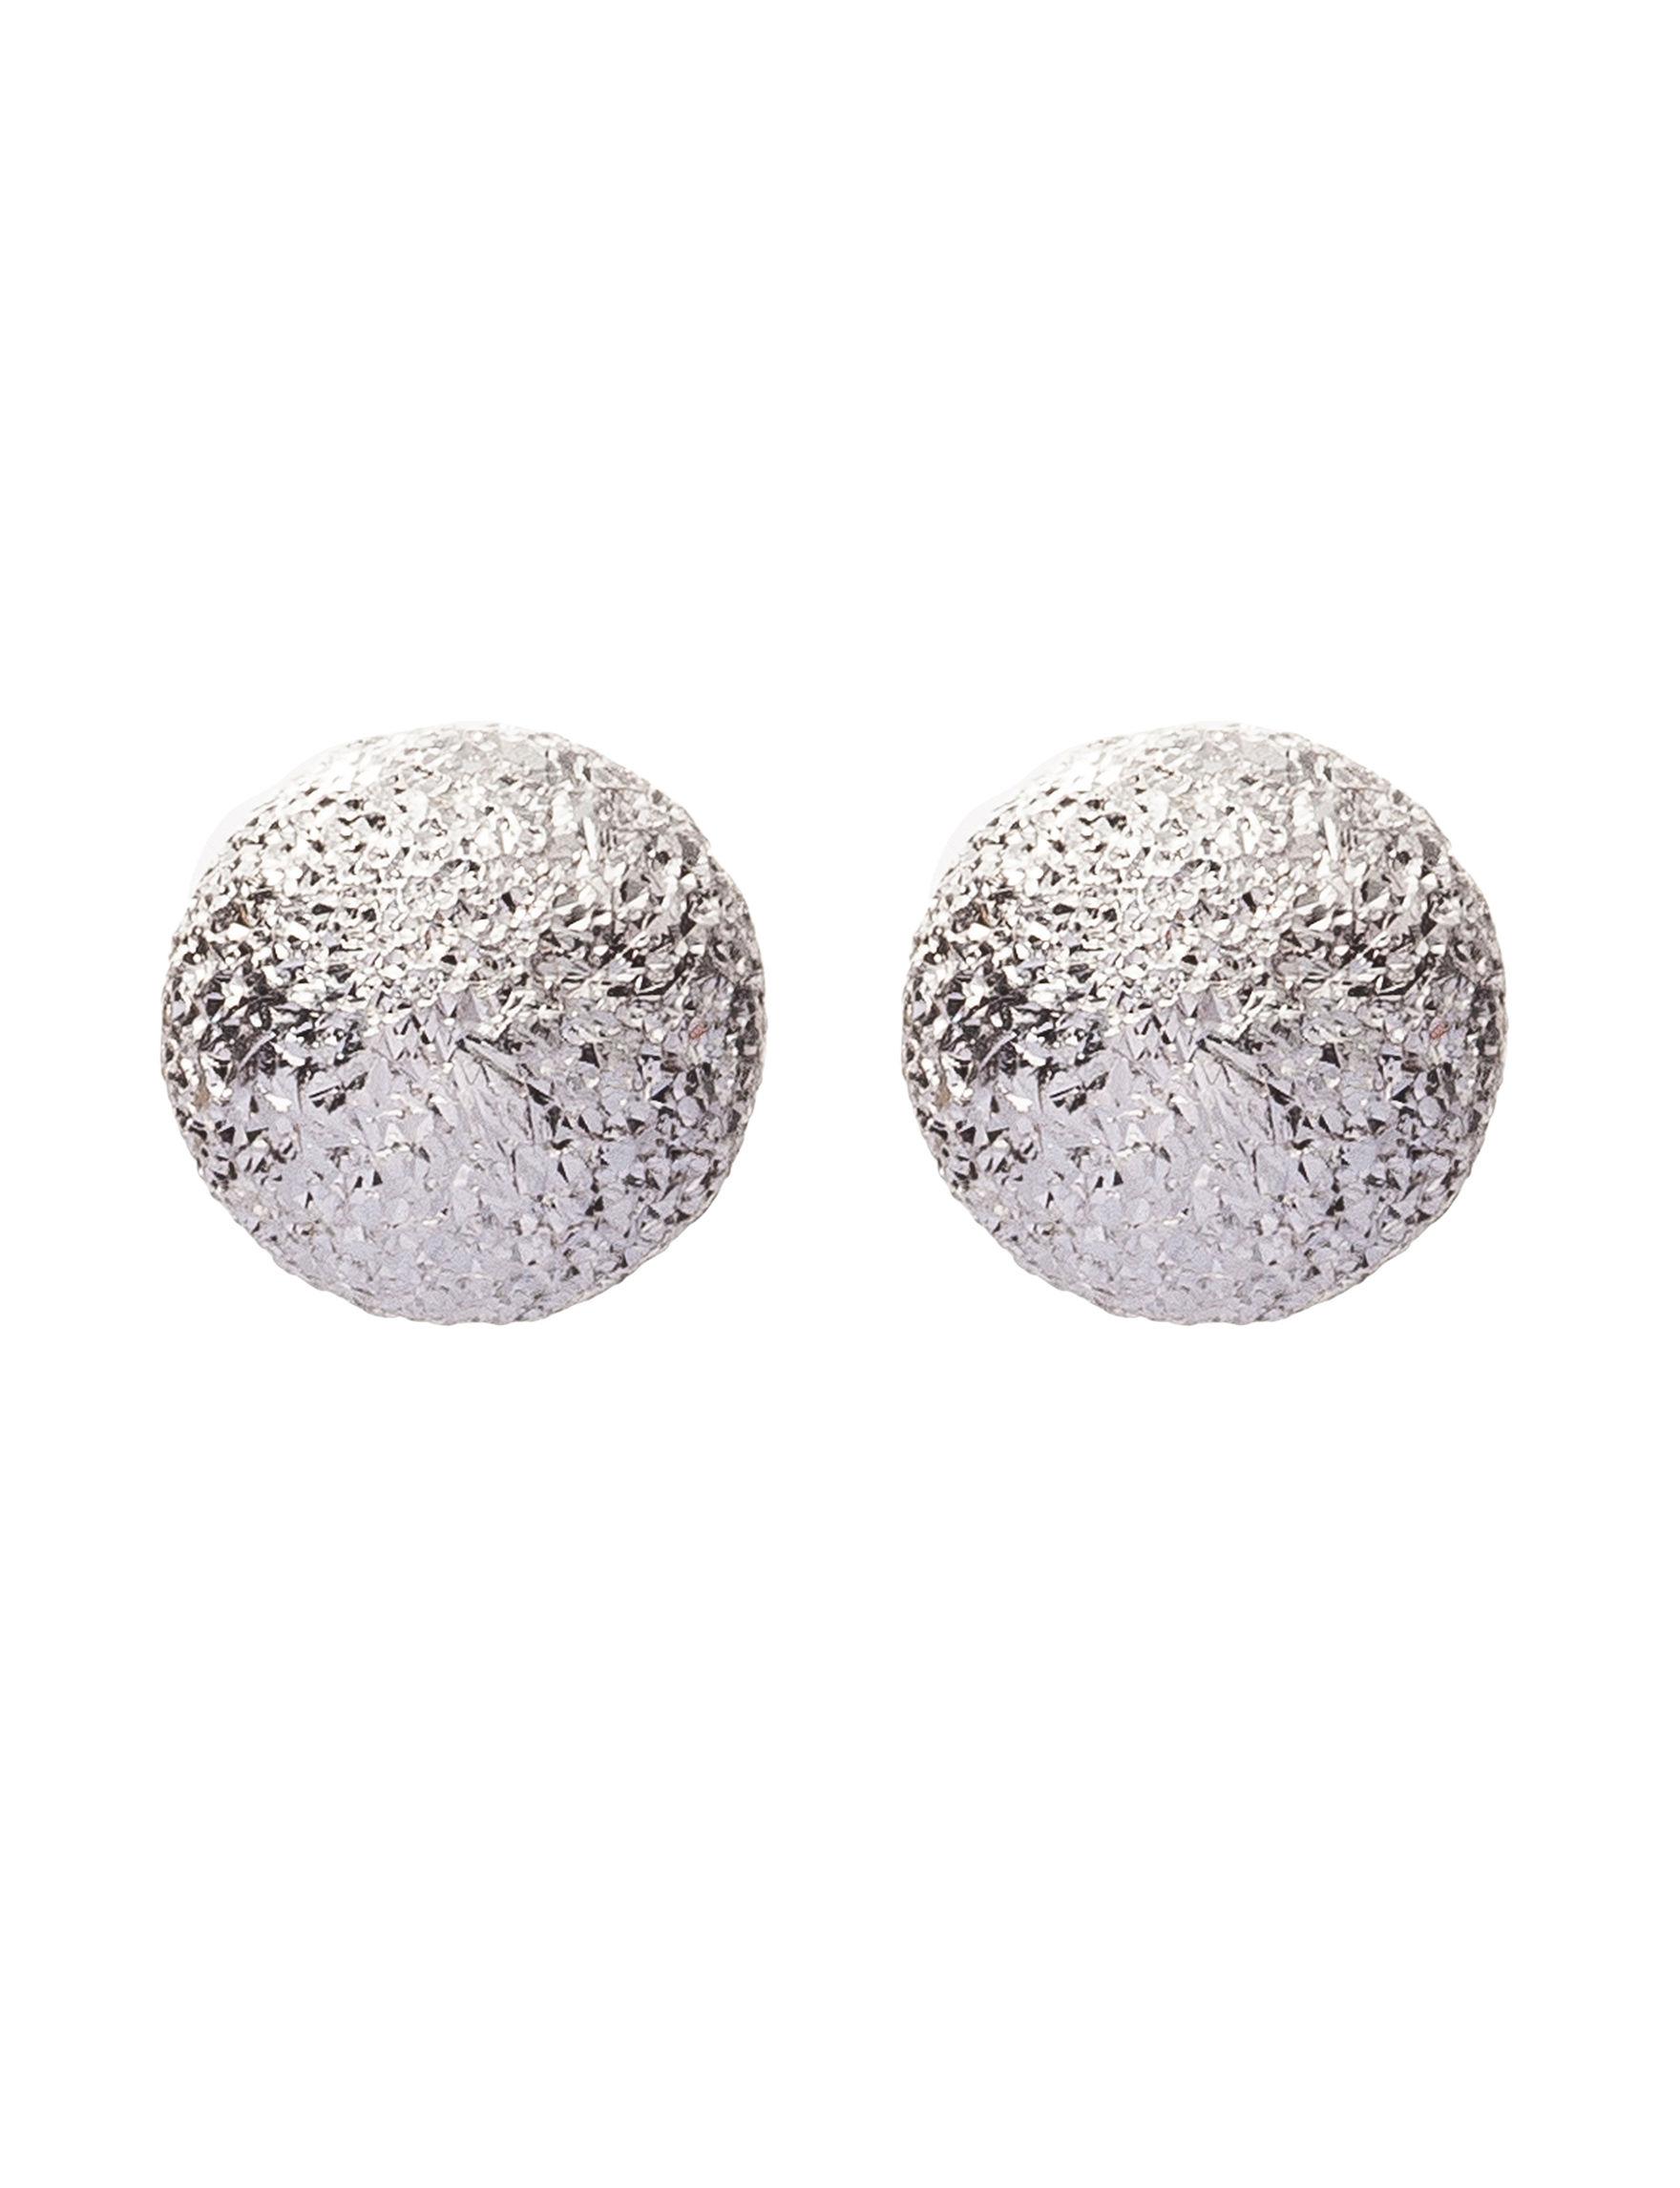 JTS Silver Studs Earrings Fine Jewelry